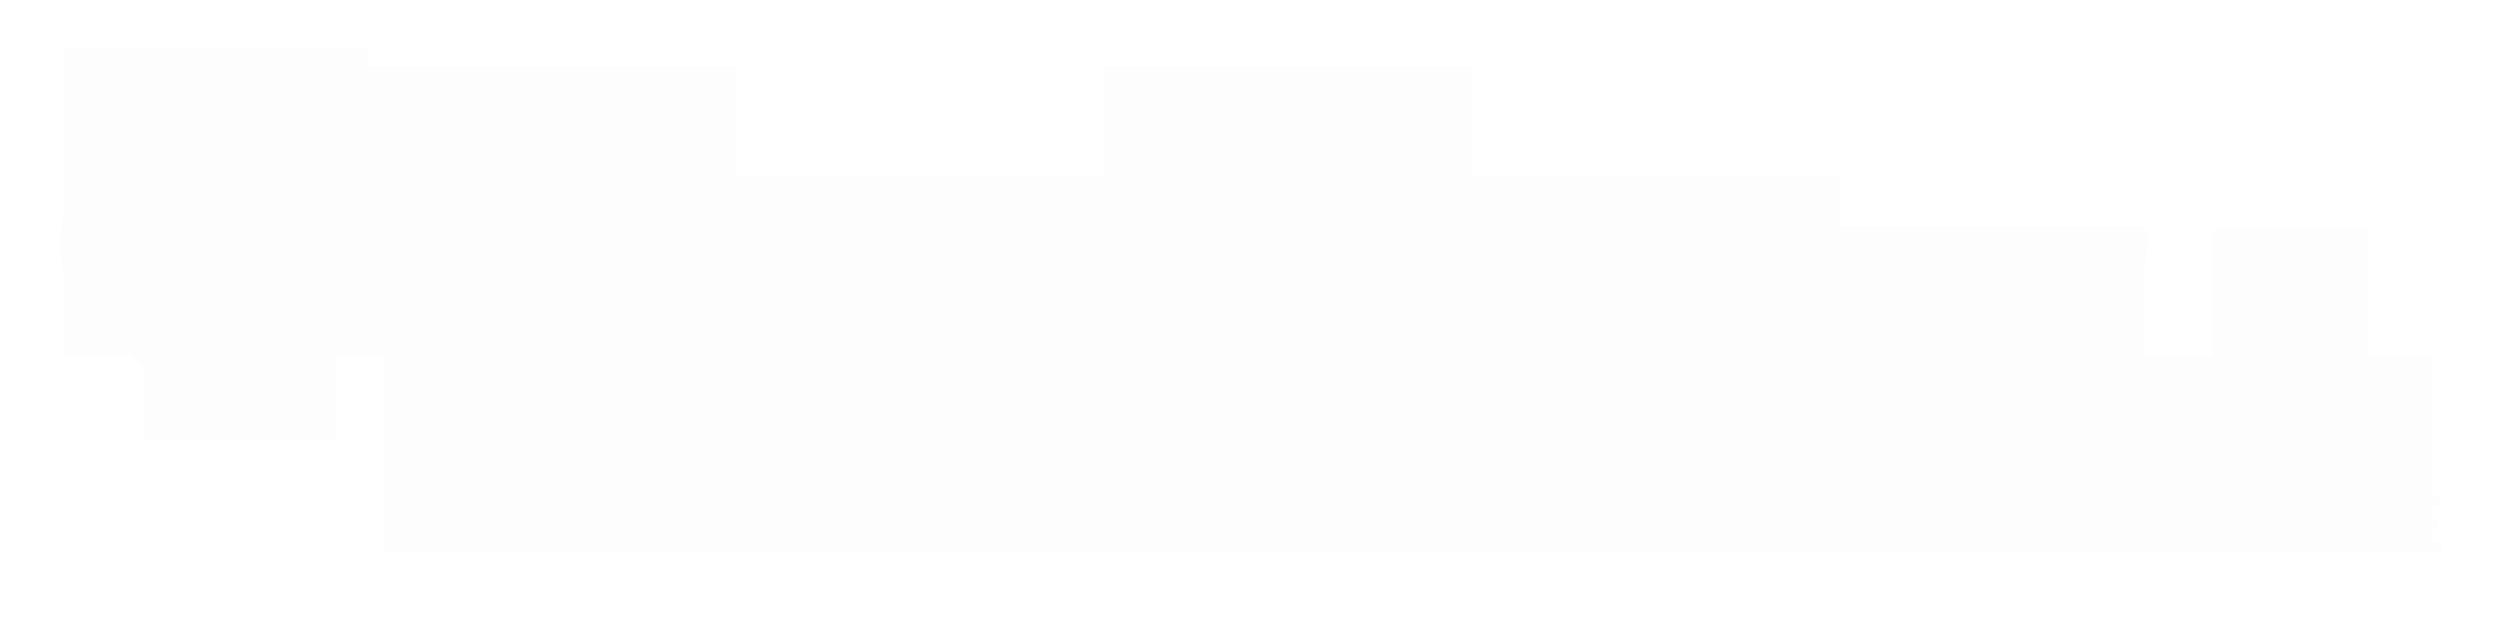 Kunkwan